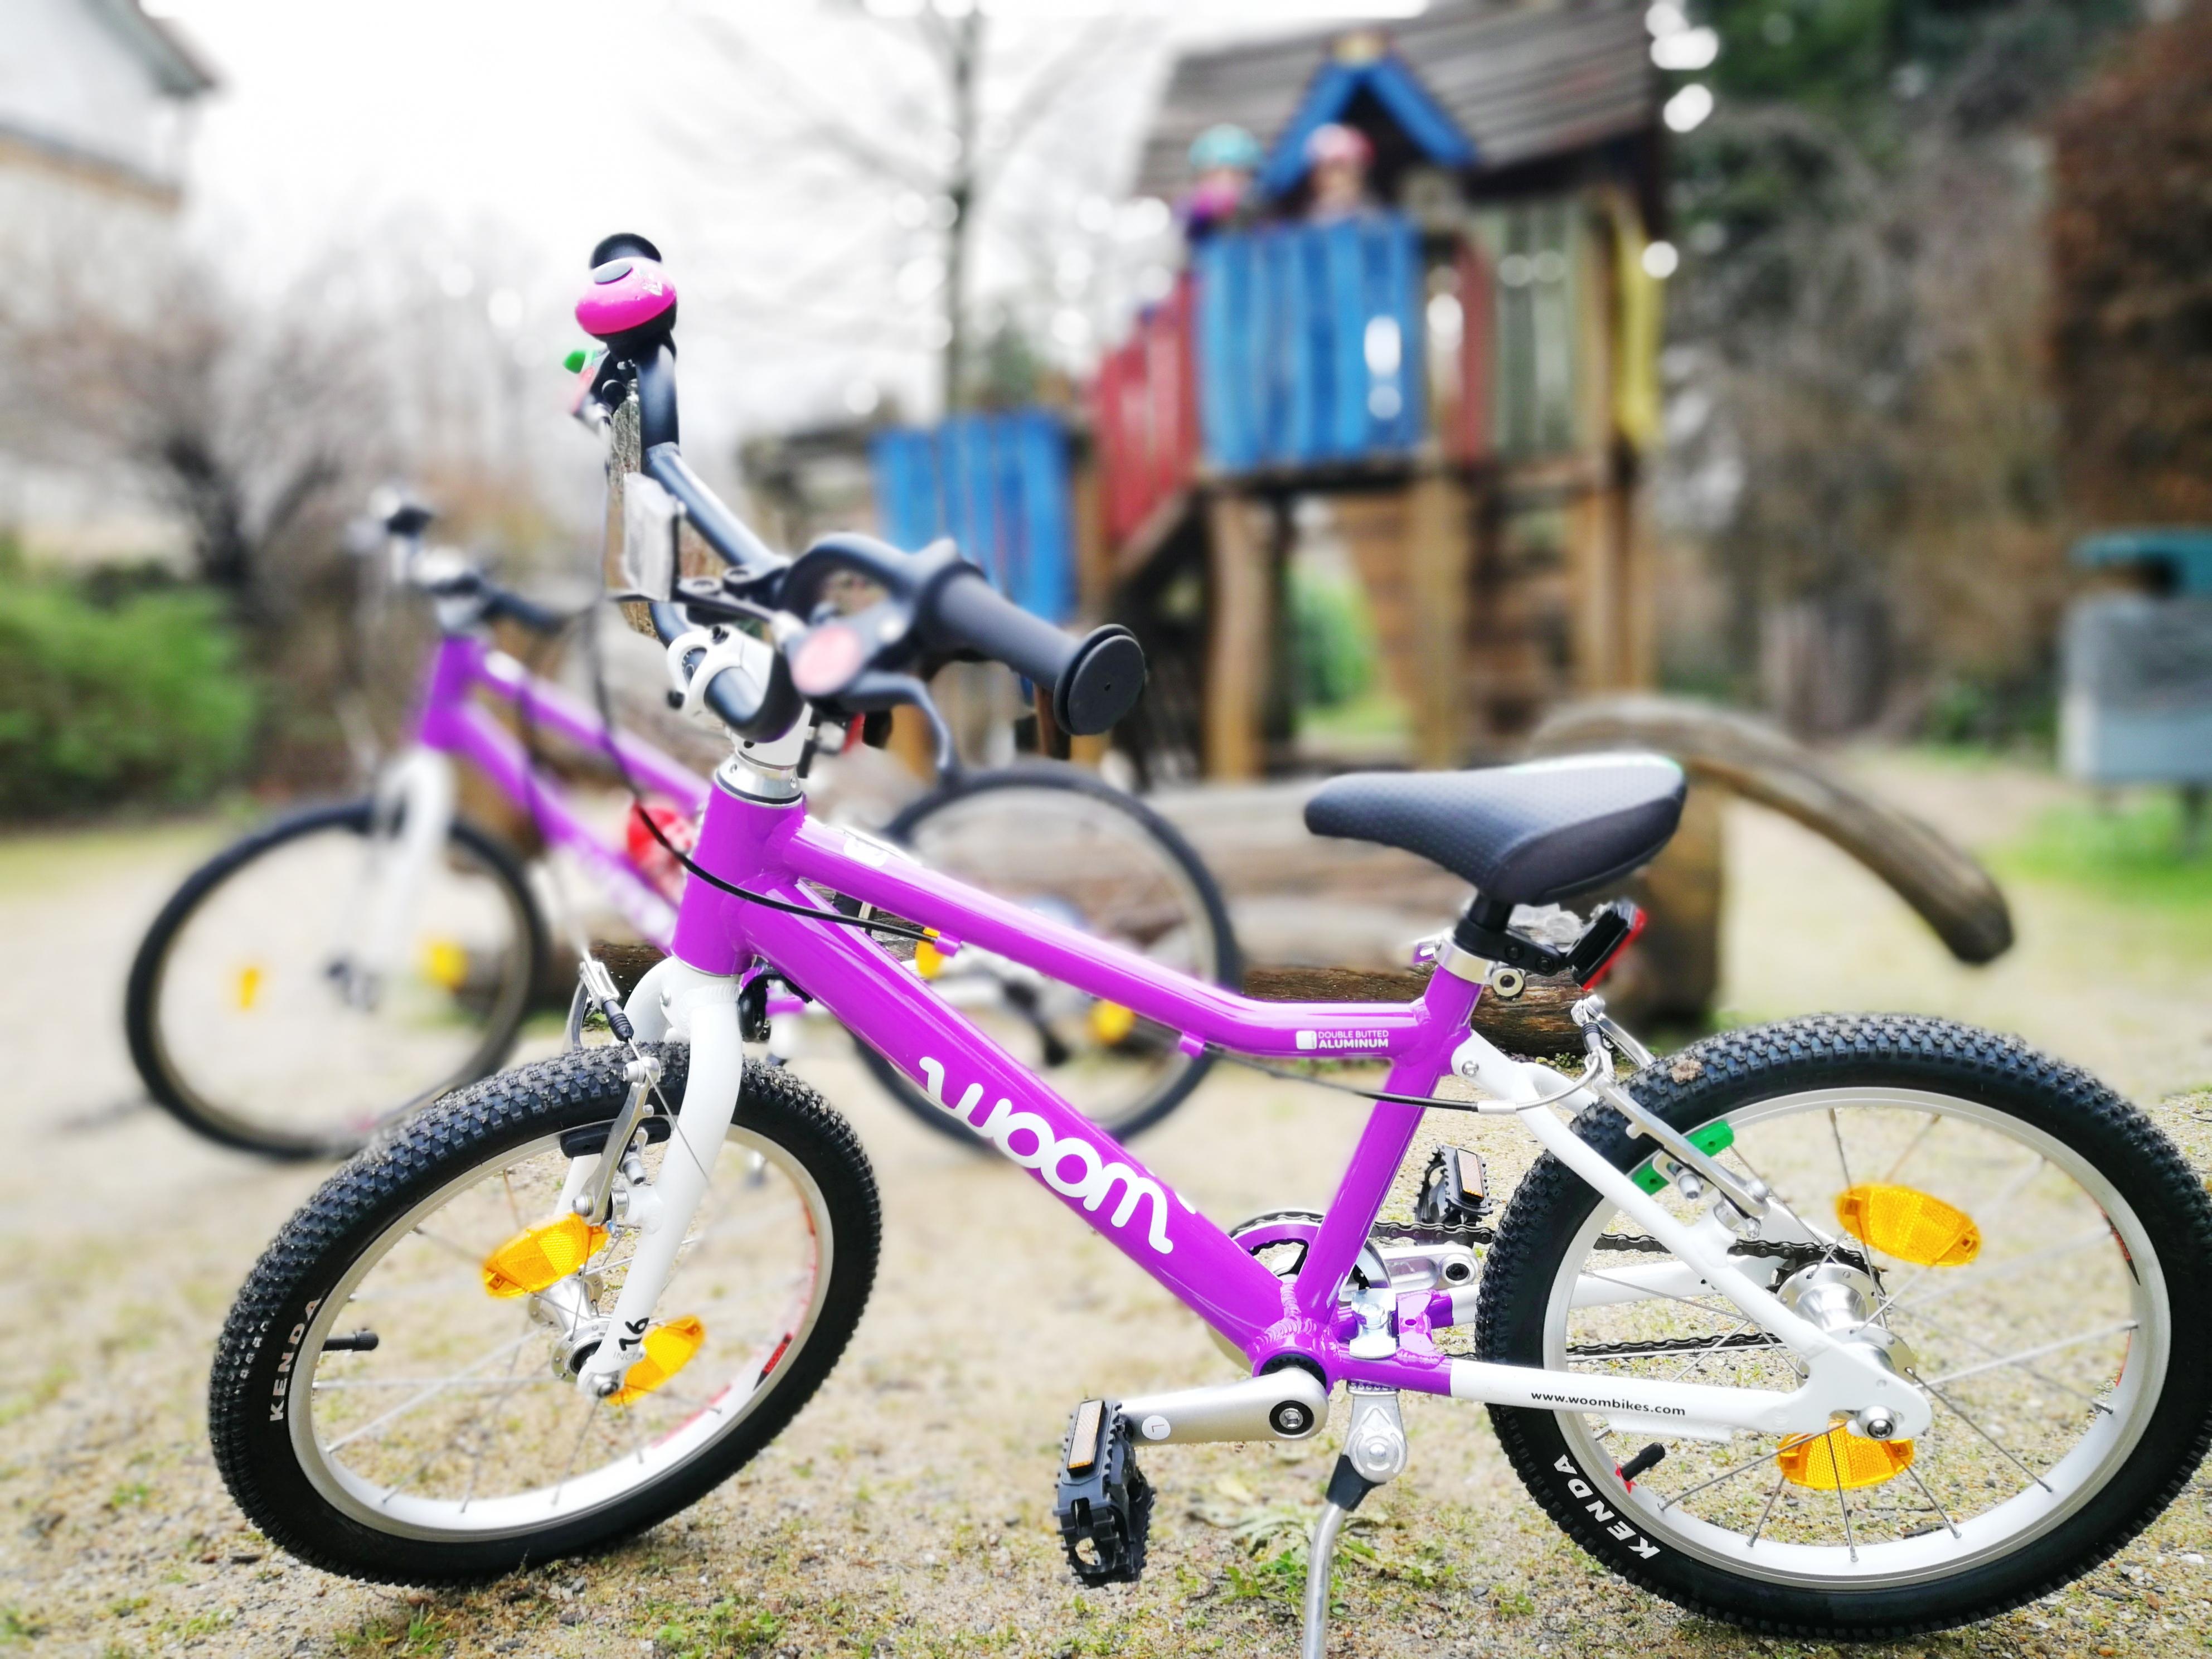 Und es hat Woom gemacht! Kinderfahrräder mit Wumms!